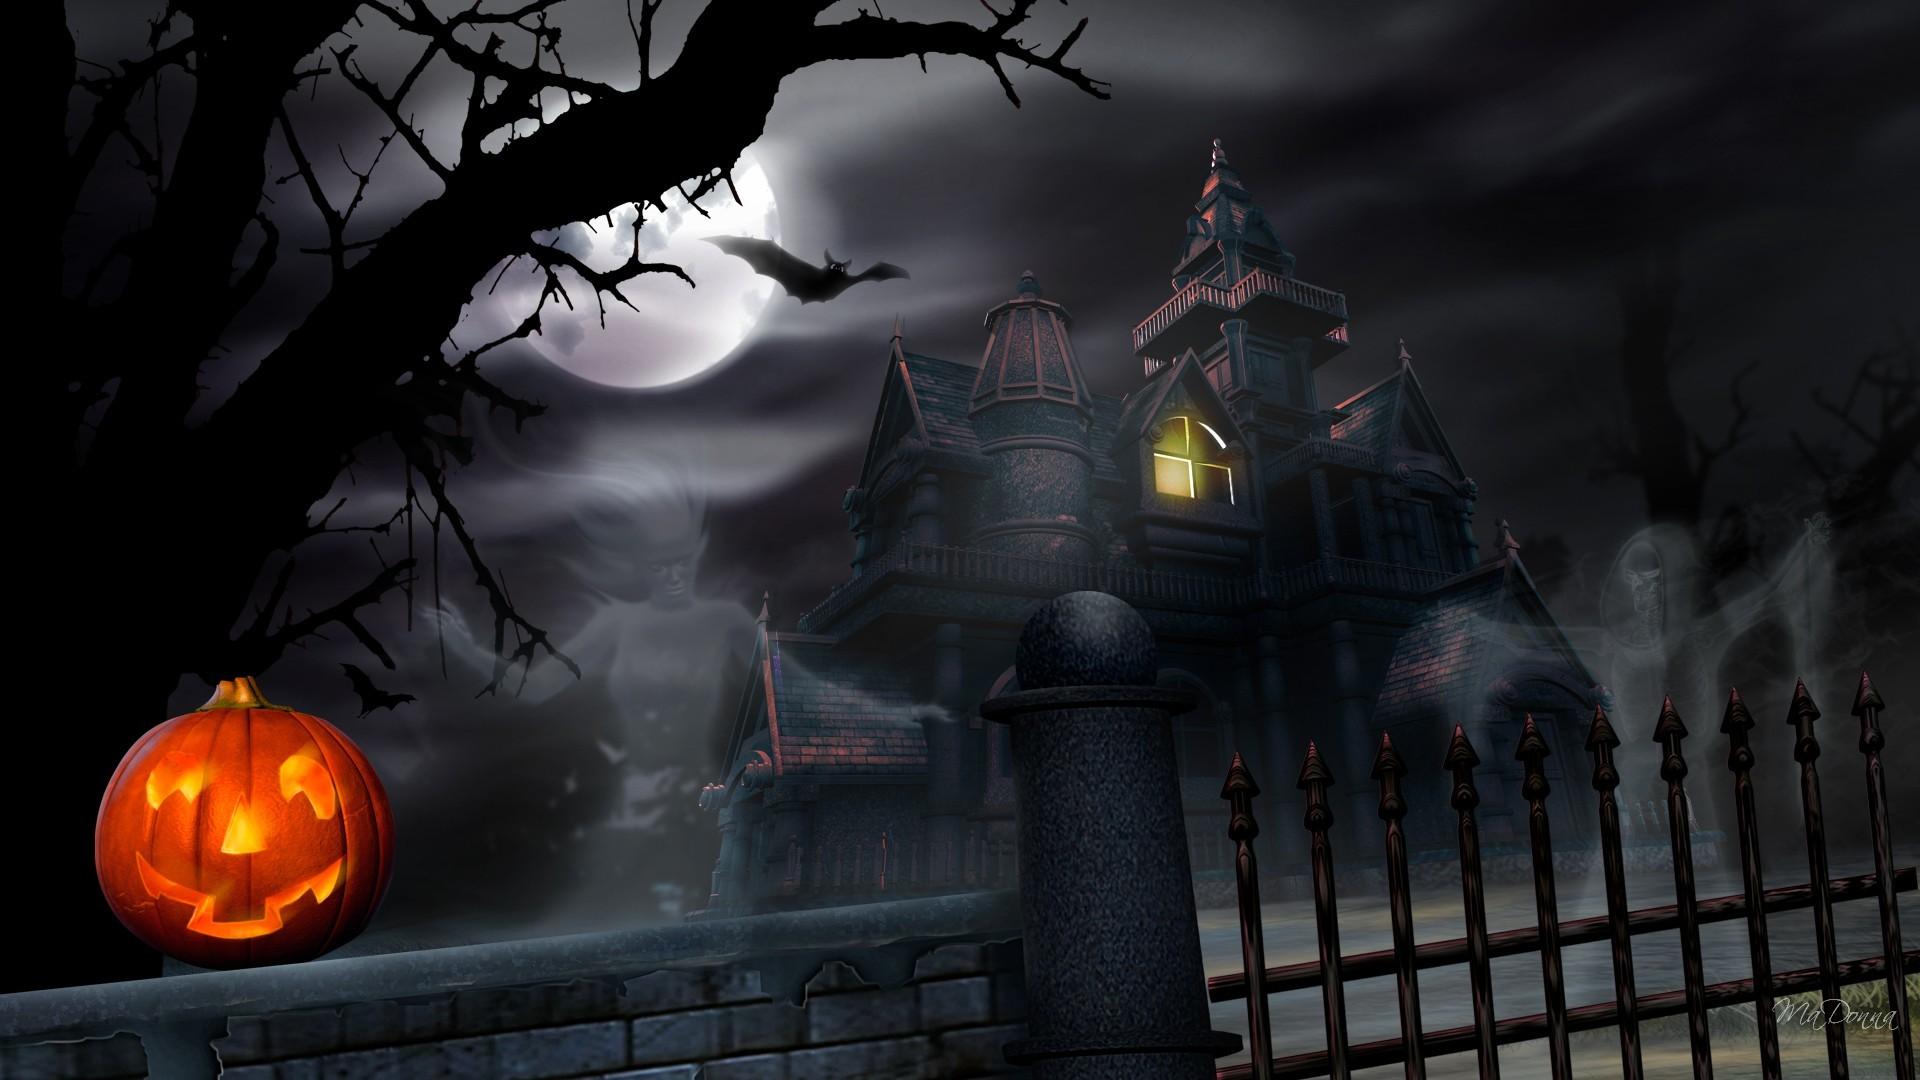 Halloween Wallpaper For My Desktop 65 Images